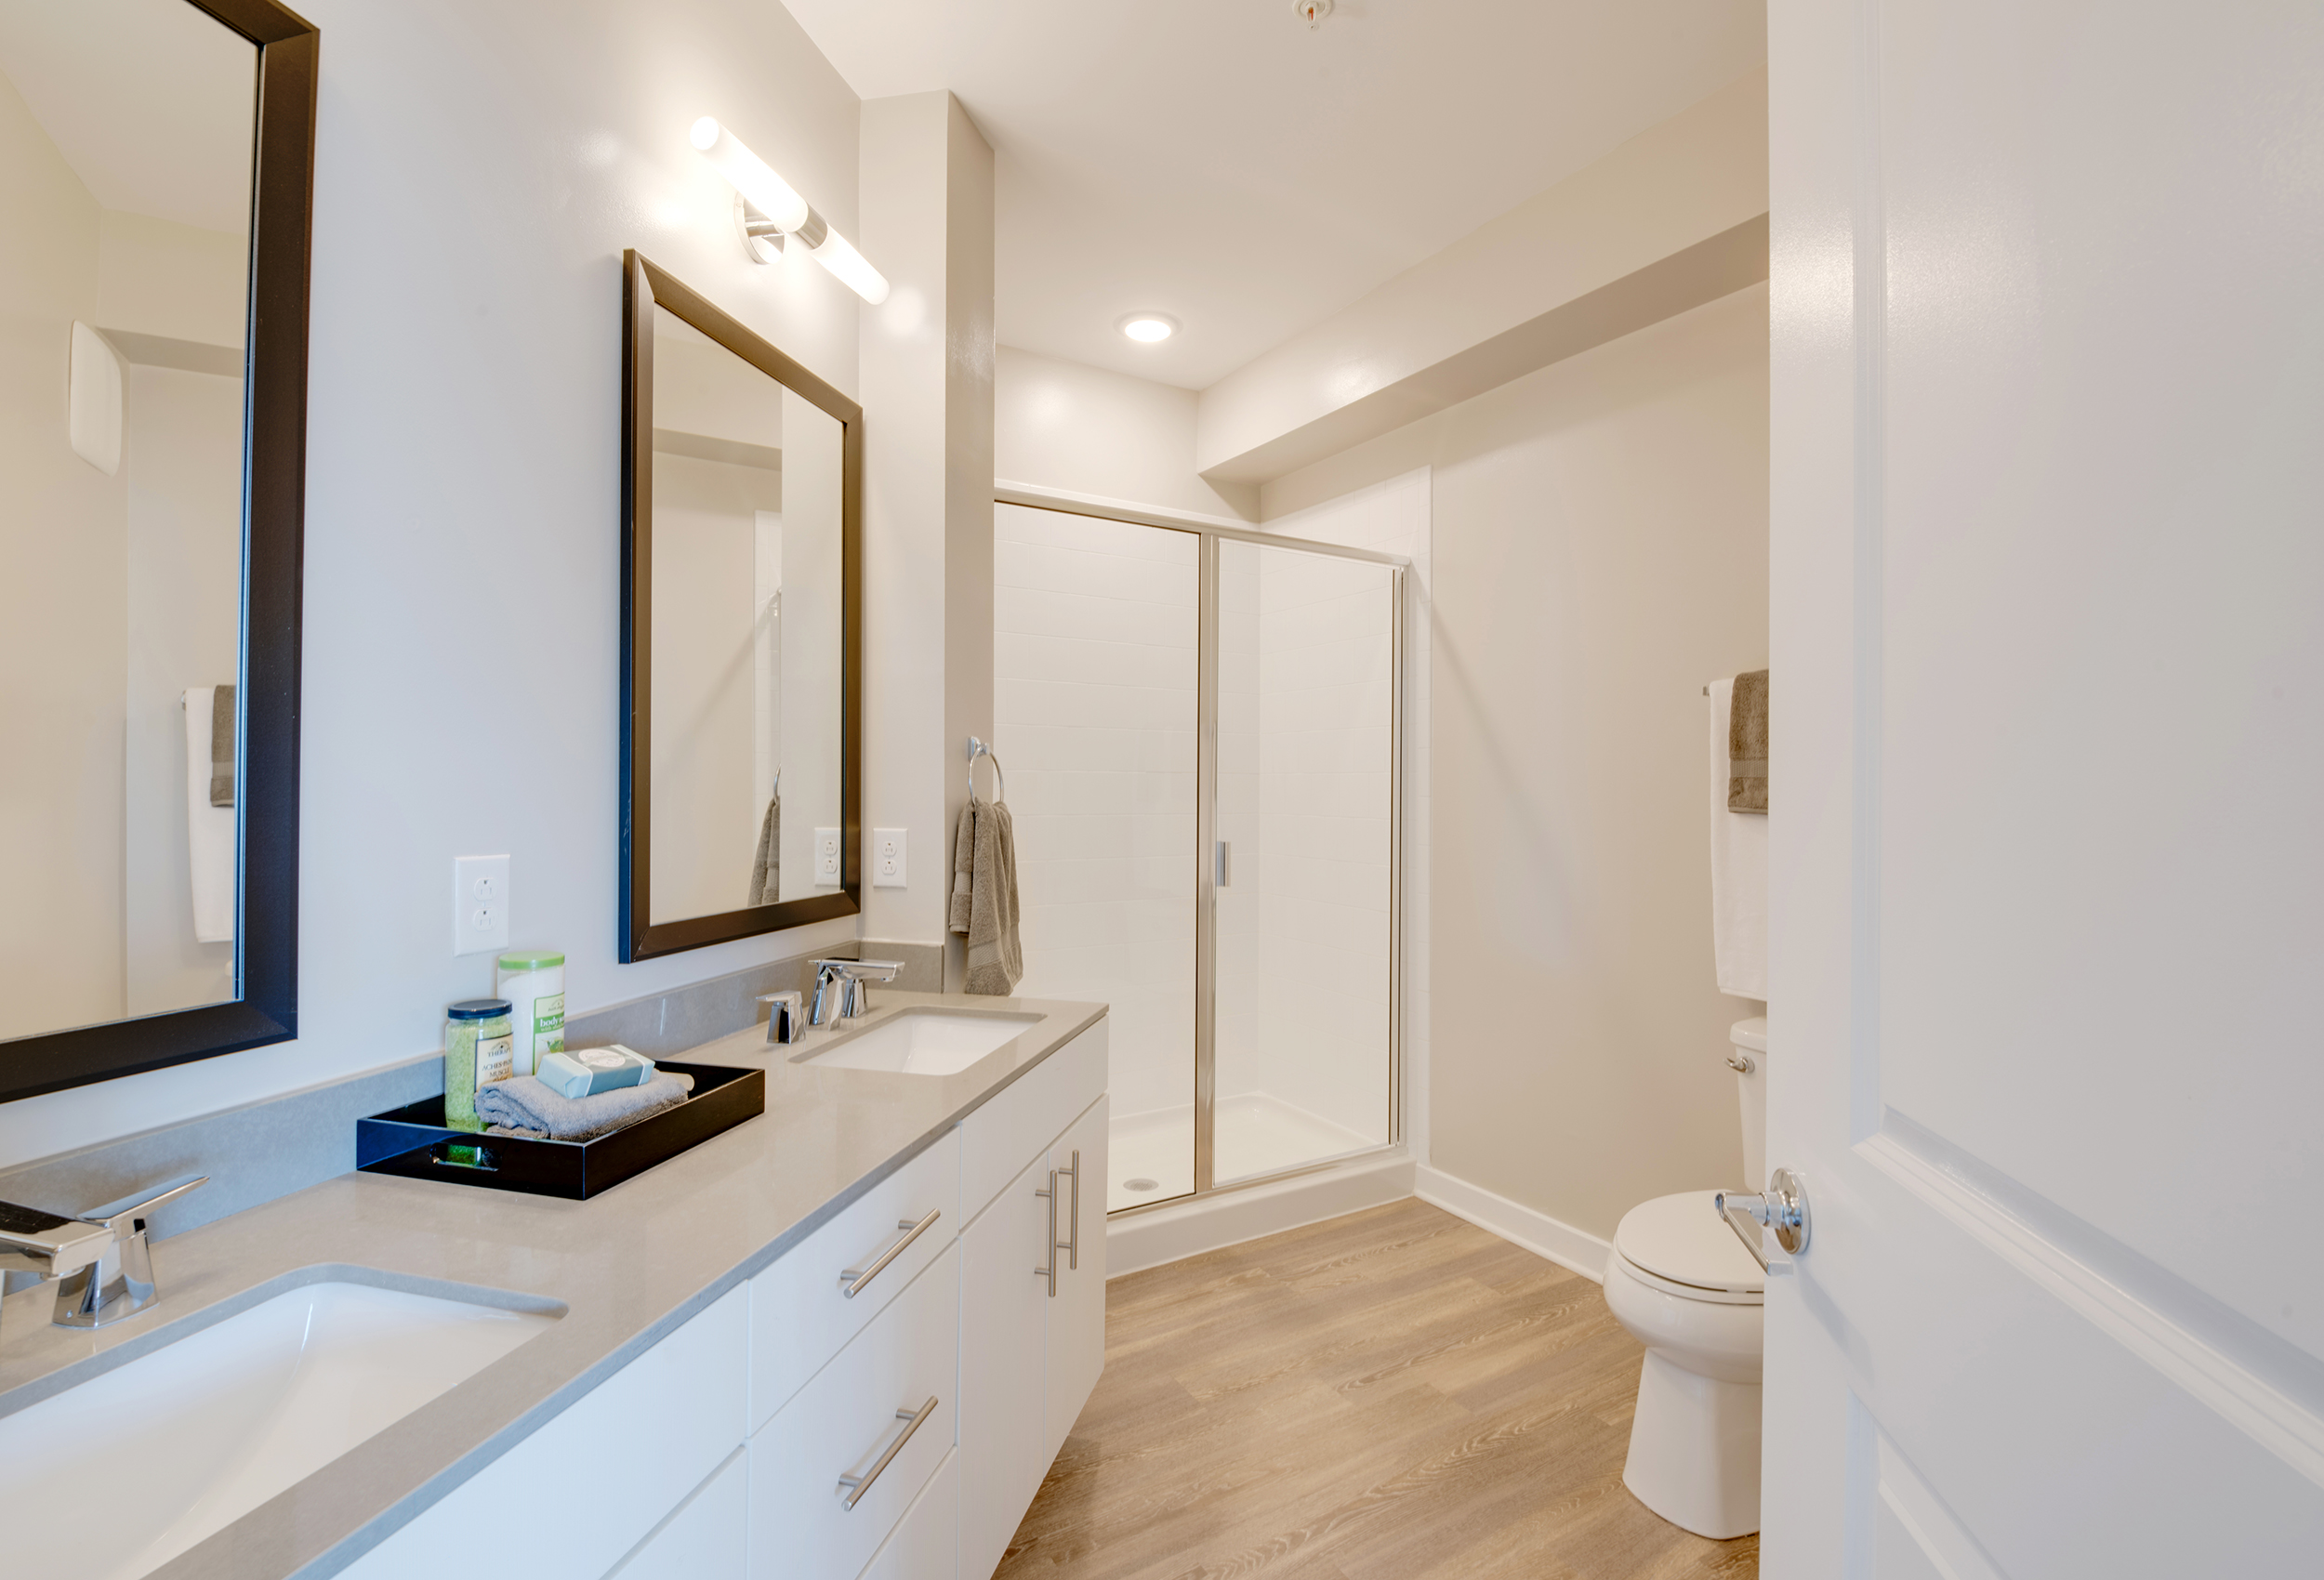 Luxury apartment photo